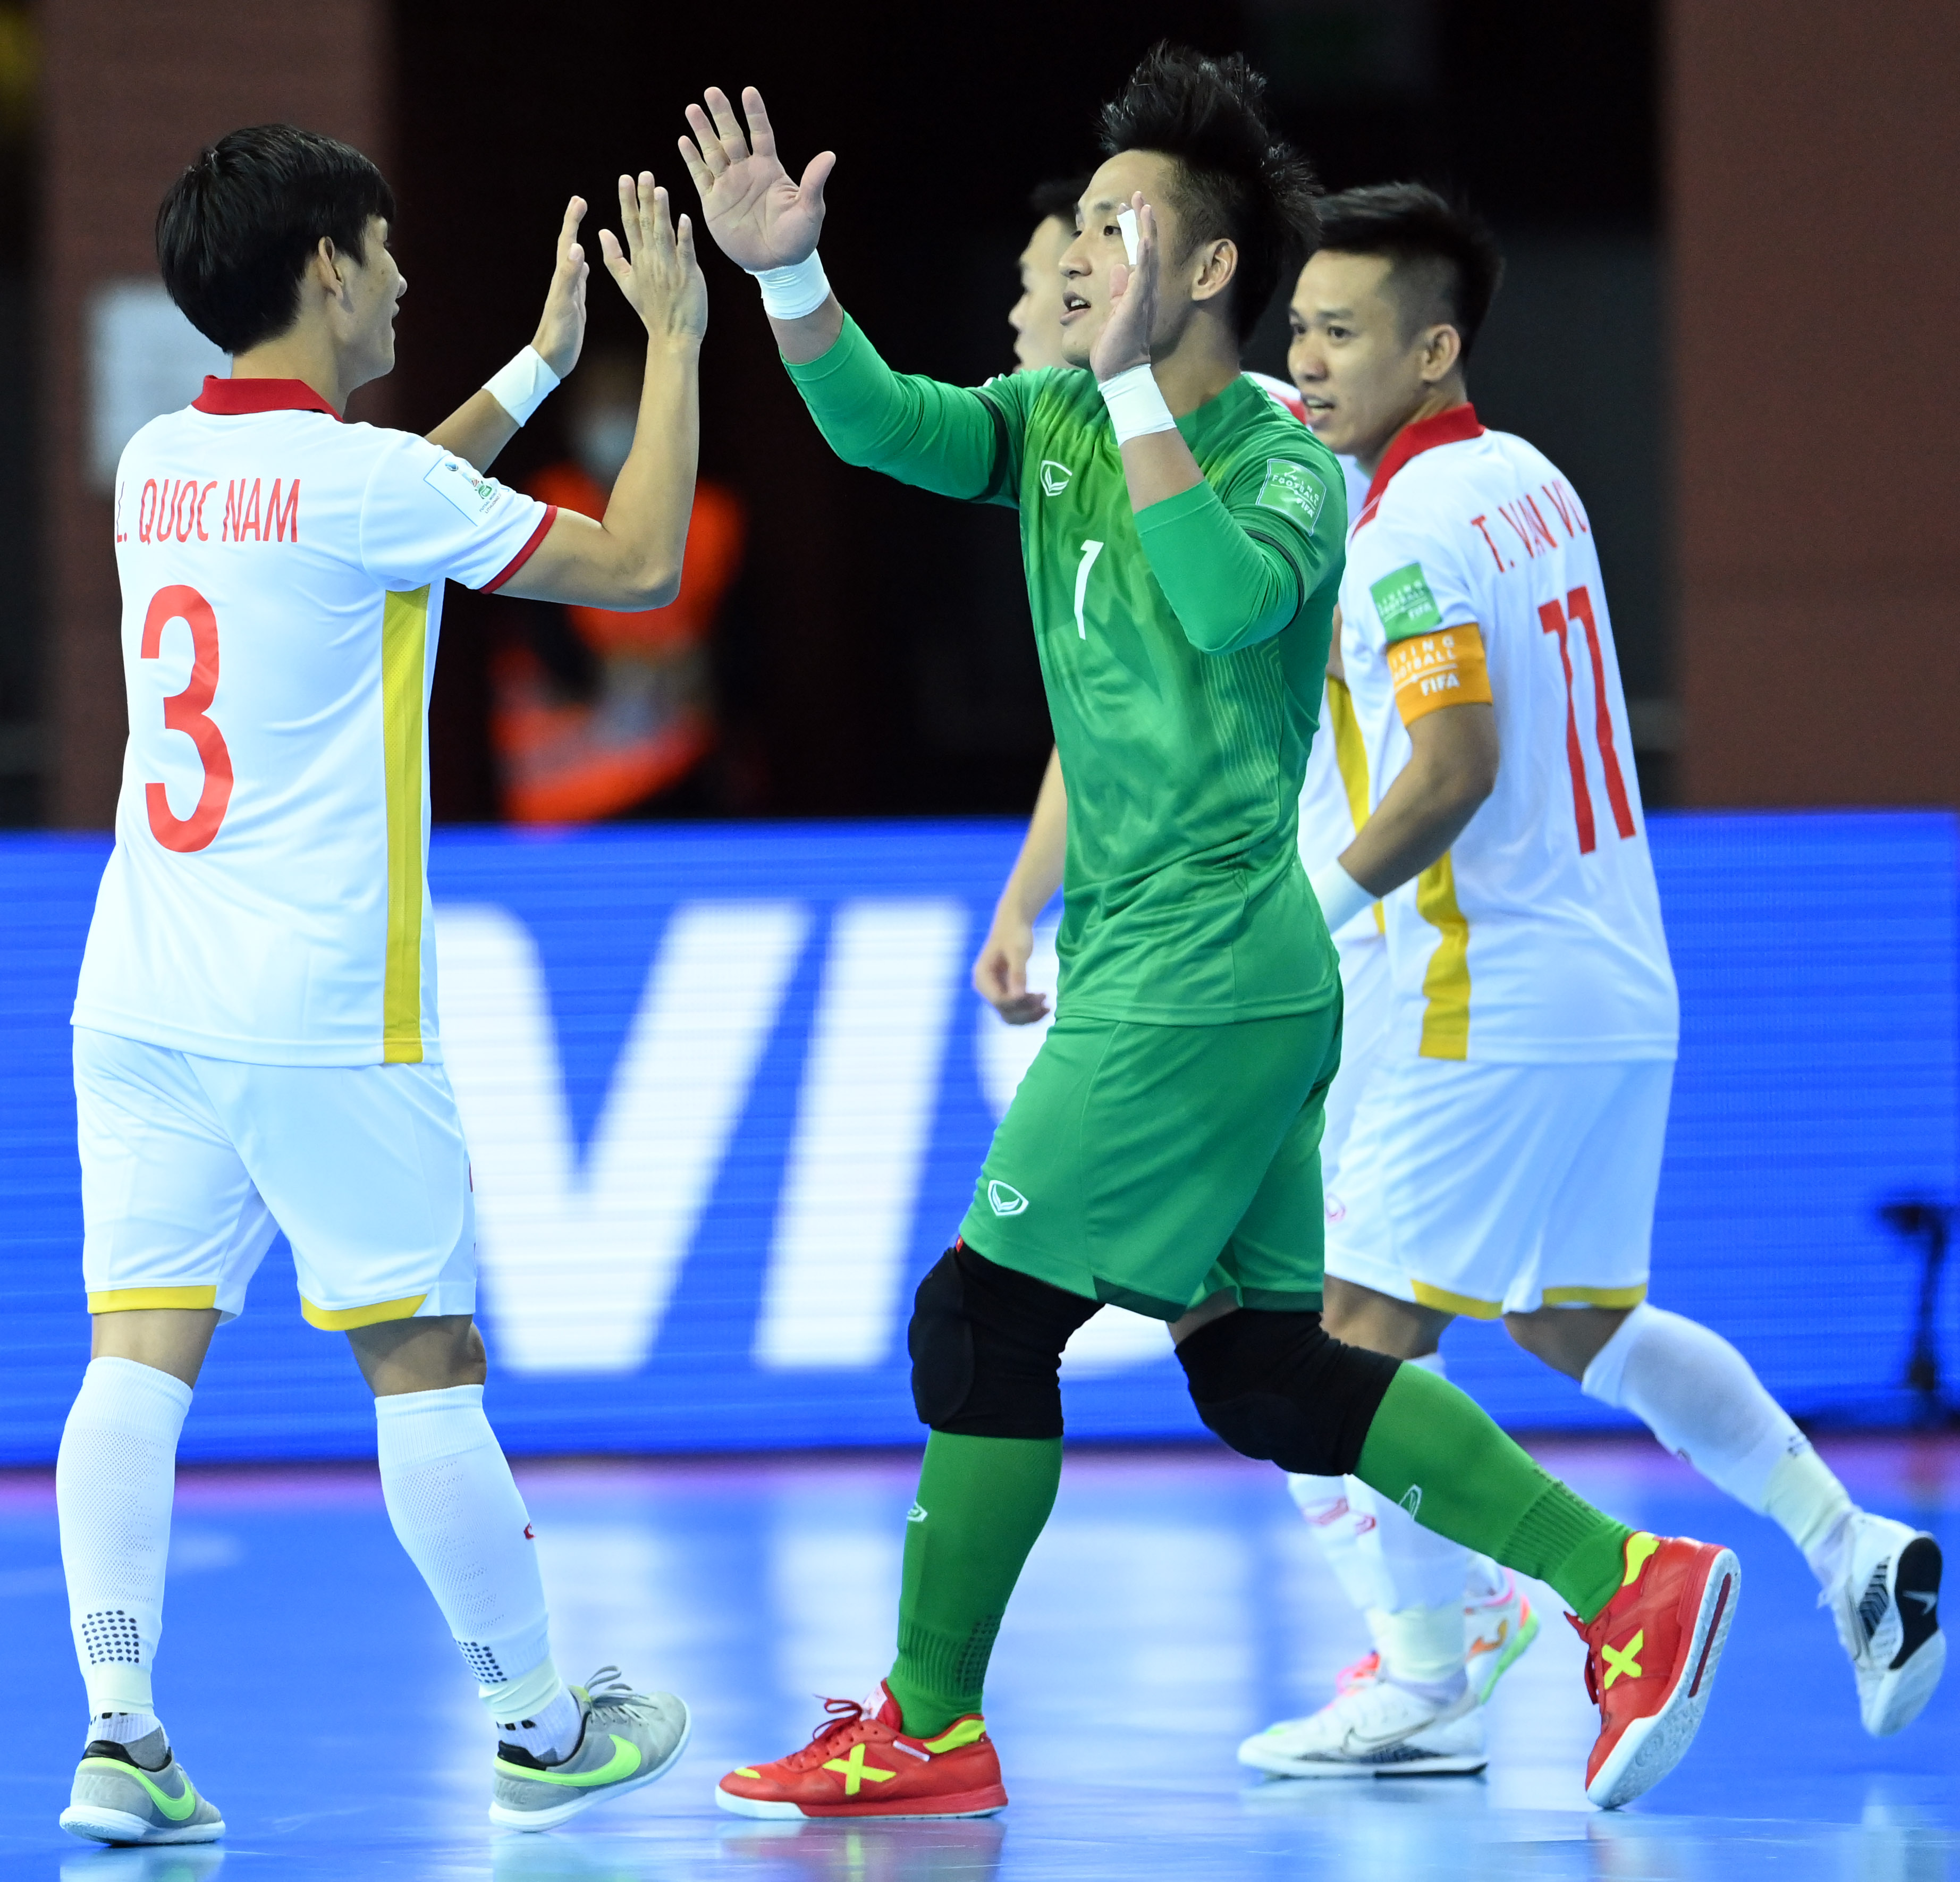 Hồ Văn Ý đang được đánh giá là thủ môn futsal hàng đầu châu Á thời điểm hiện tại - Ảnh: Quang Thắng